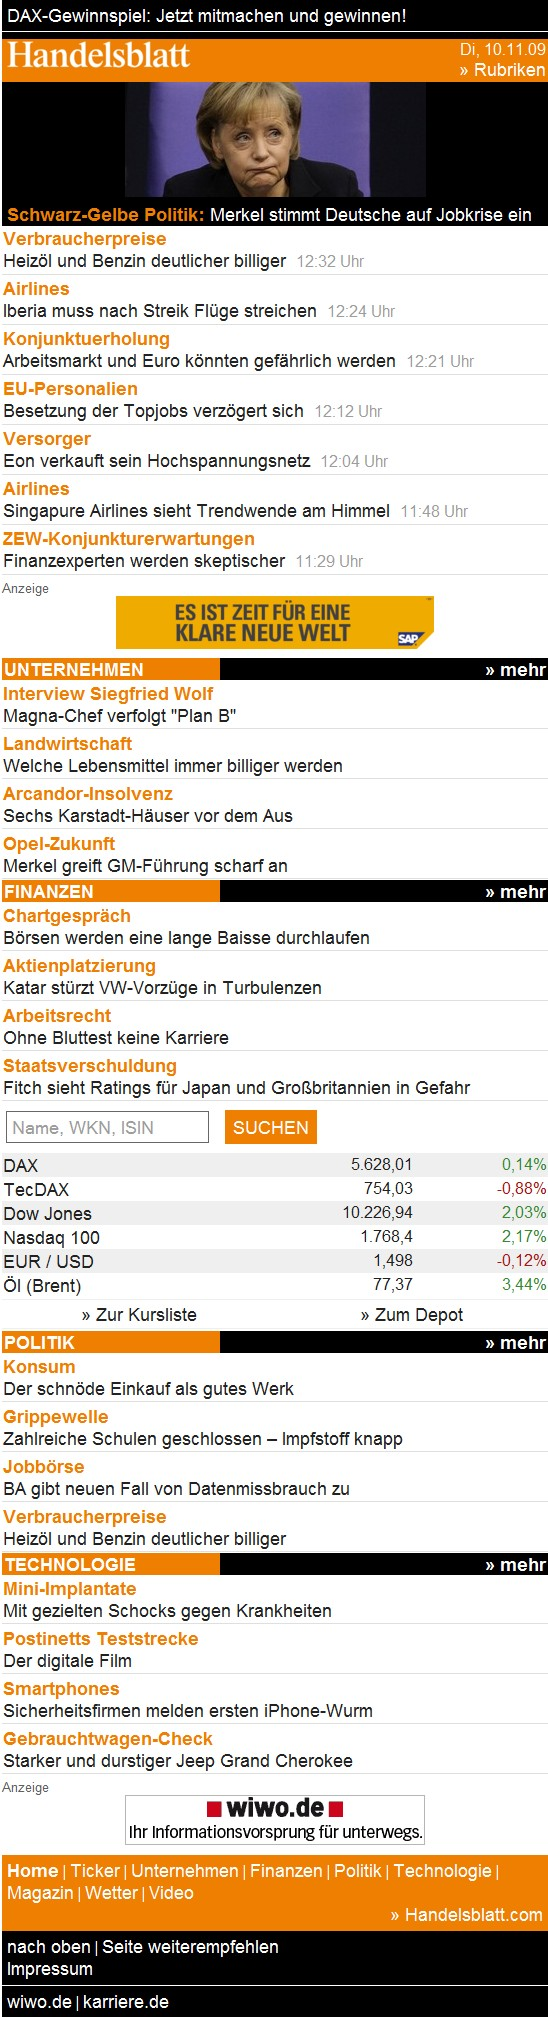 Handelsblatt_Mobile Portal